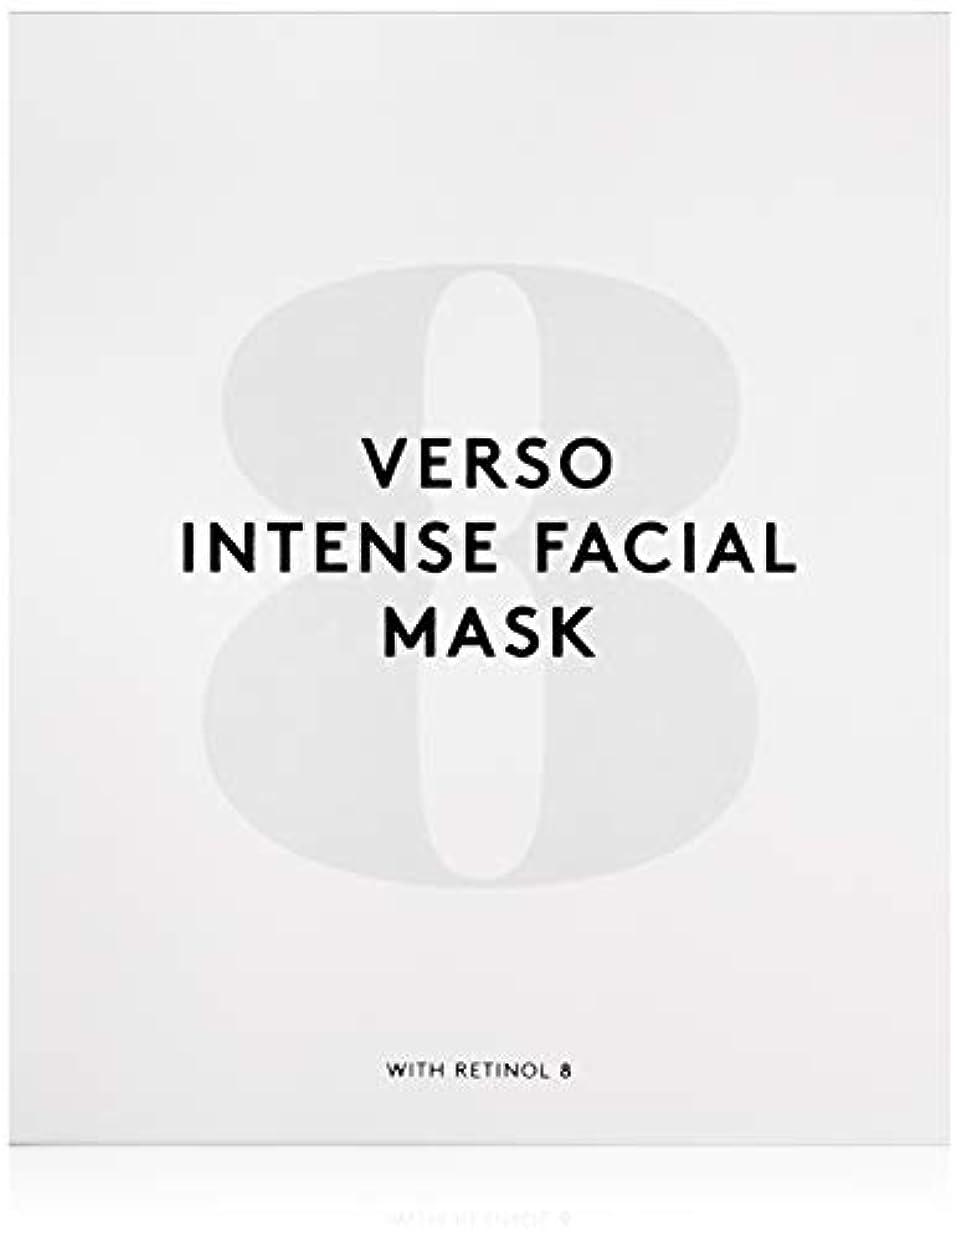 行商人気晴らし喉頭ヴェルソスキンケア インテンスフェイシャルマスク 4x25g/0.88oz